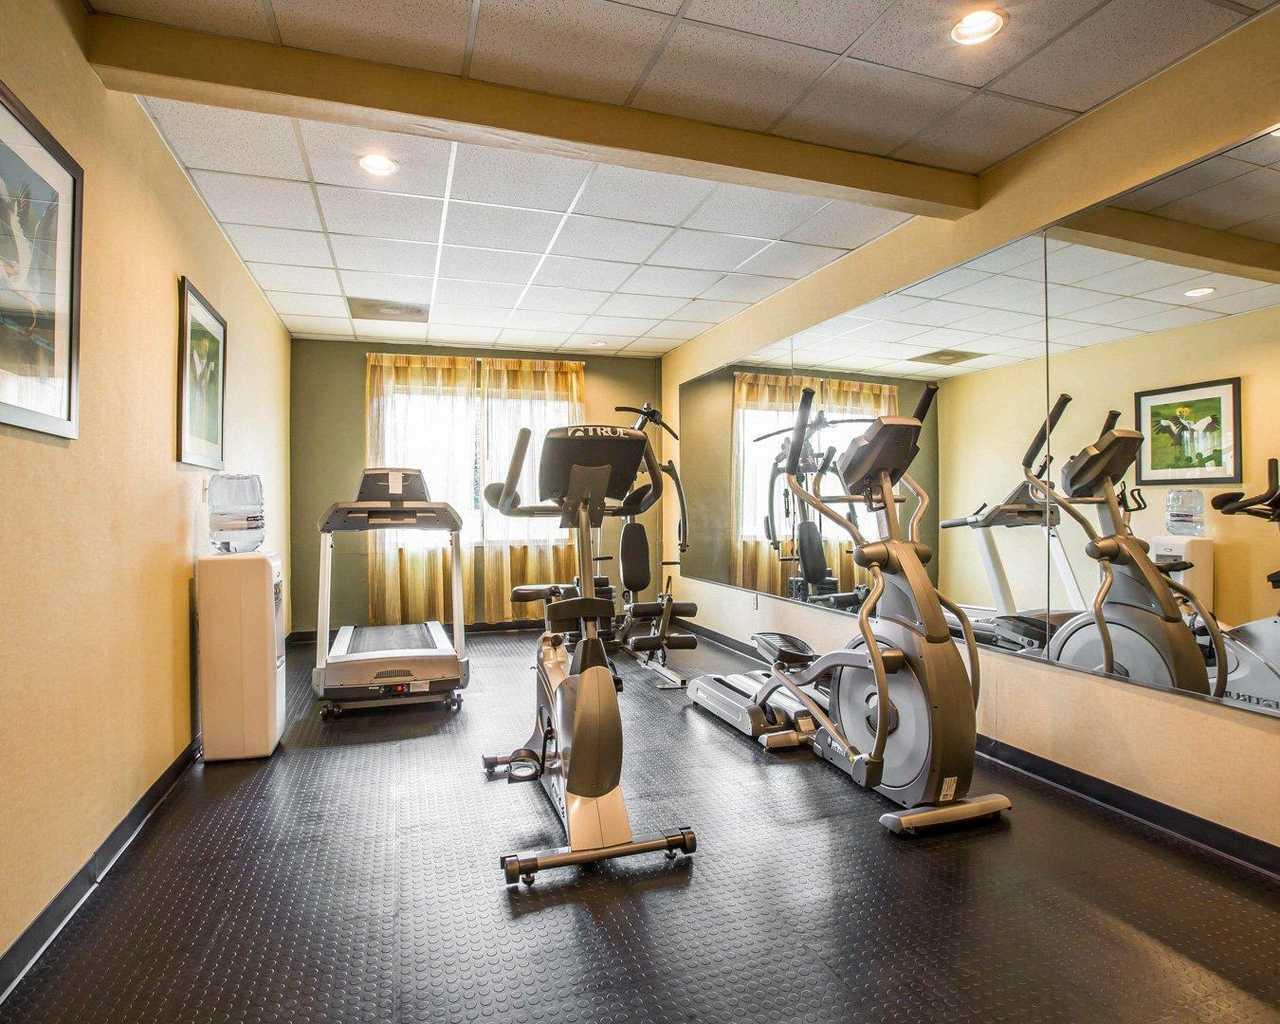 FitnessRoom1.jpg